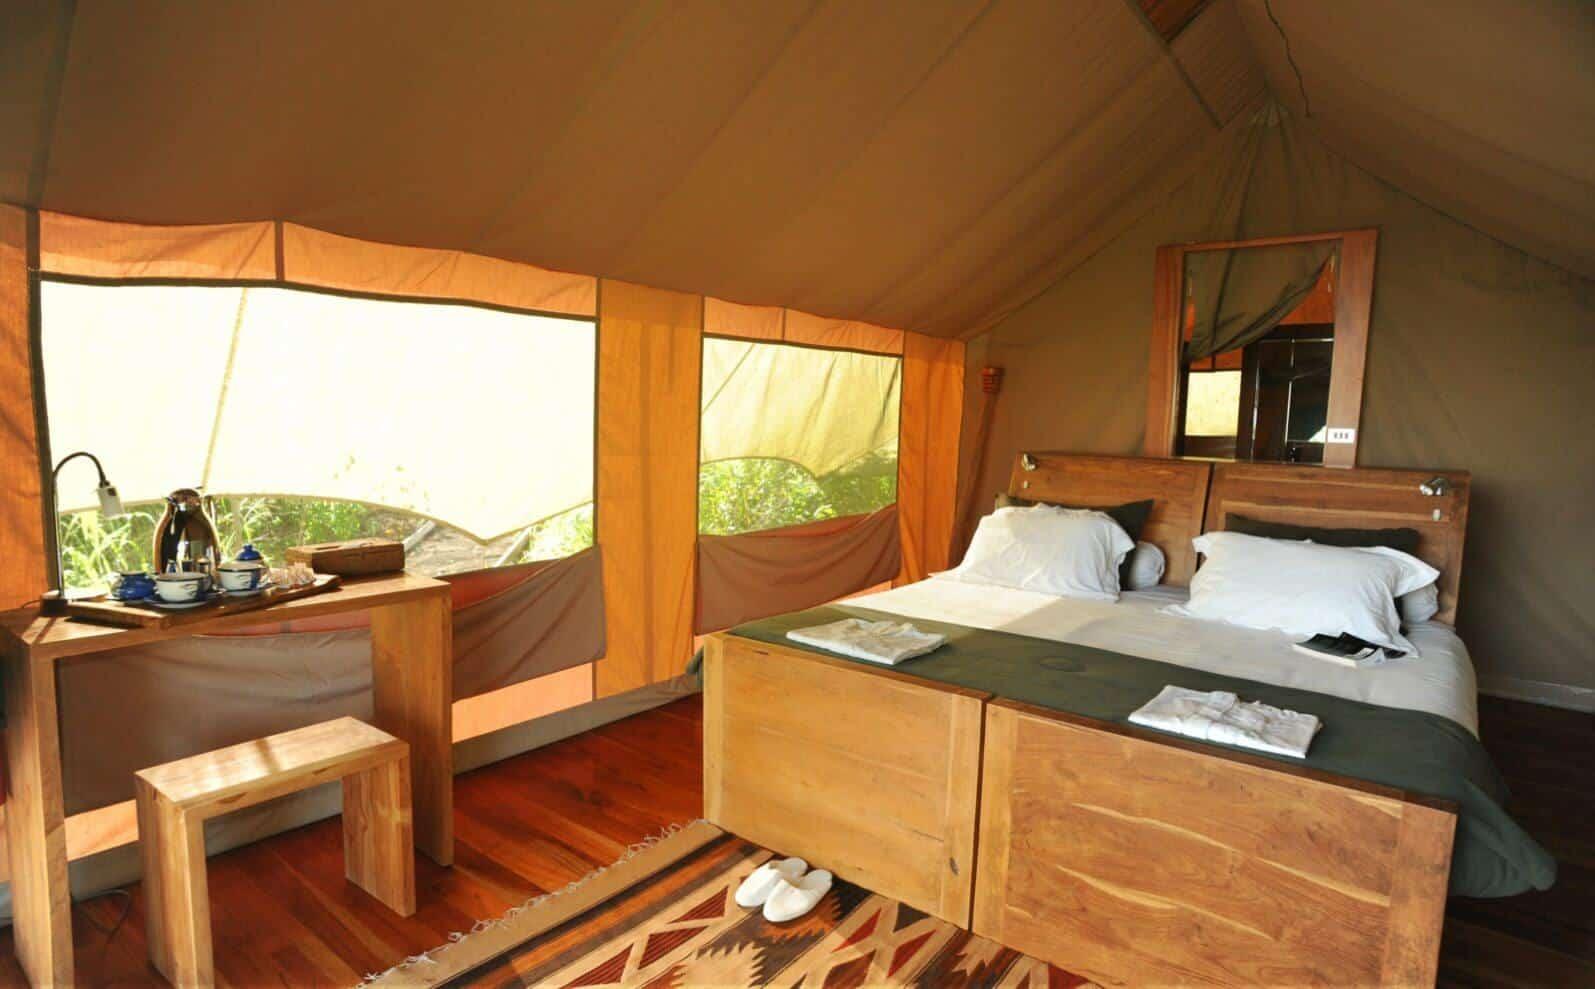 Galapagos Safari Camp Zelt von innen